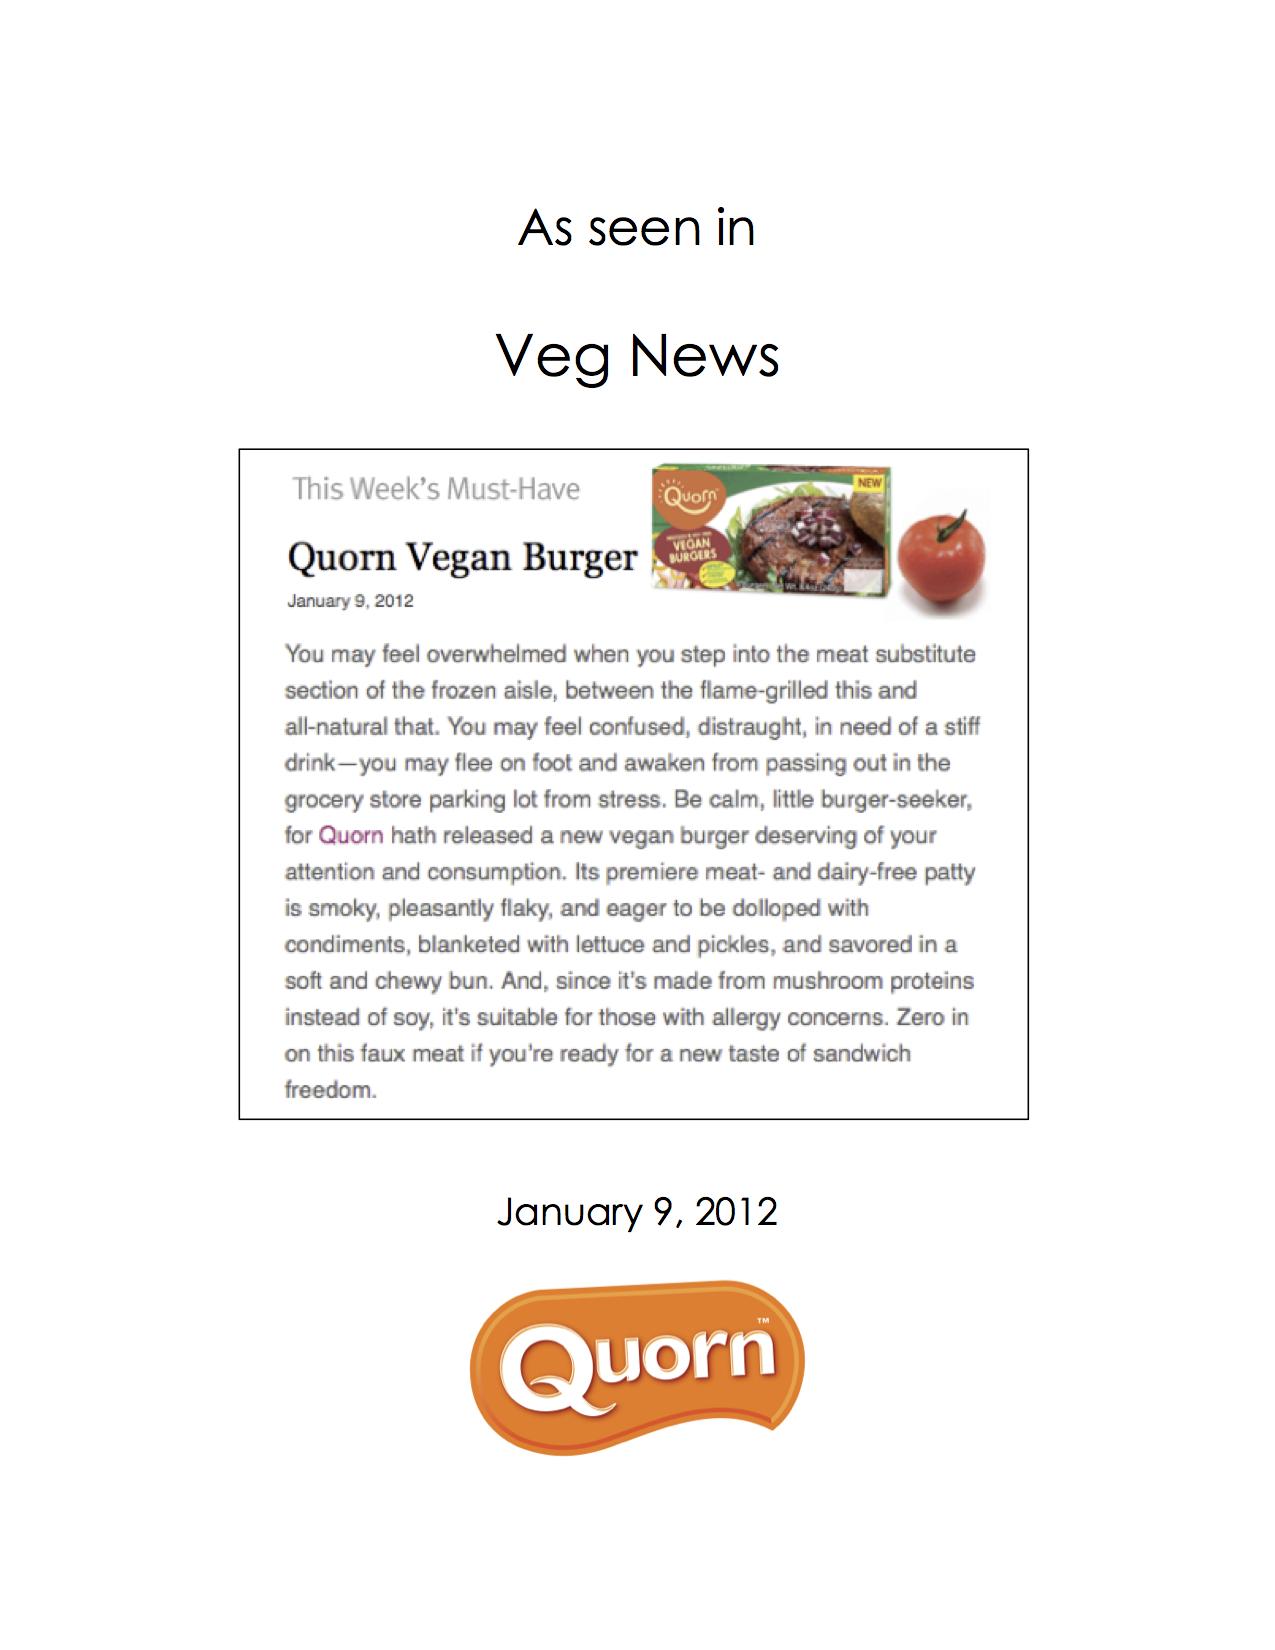 quorncoverage-vegnews.jpg